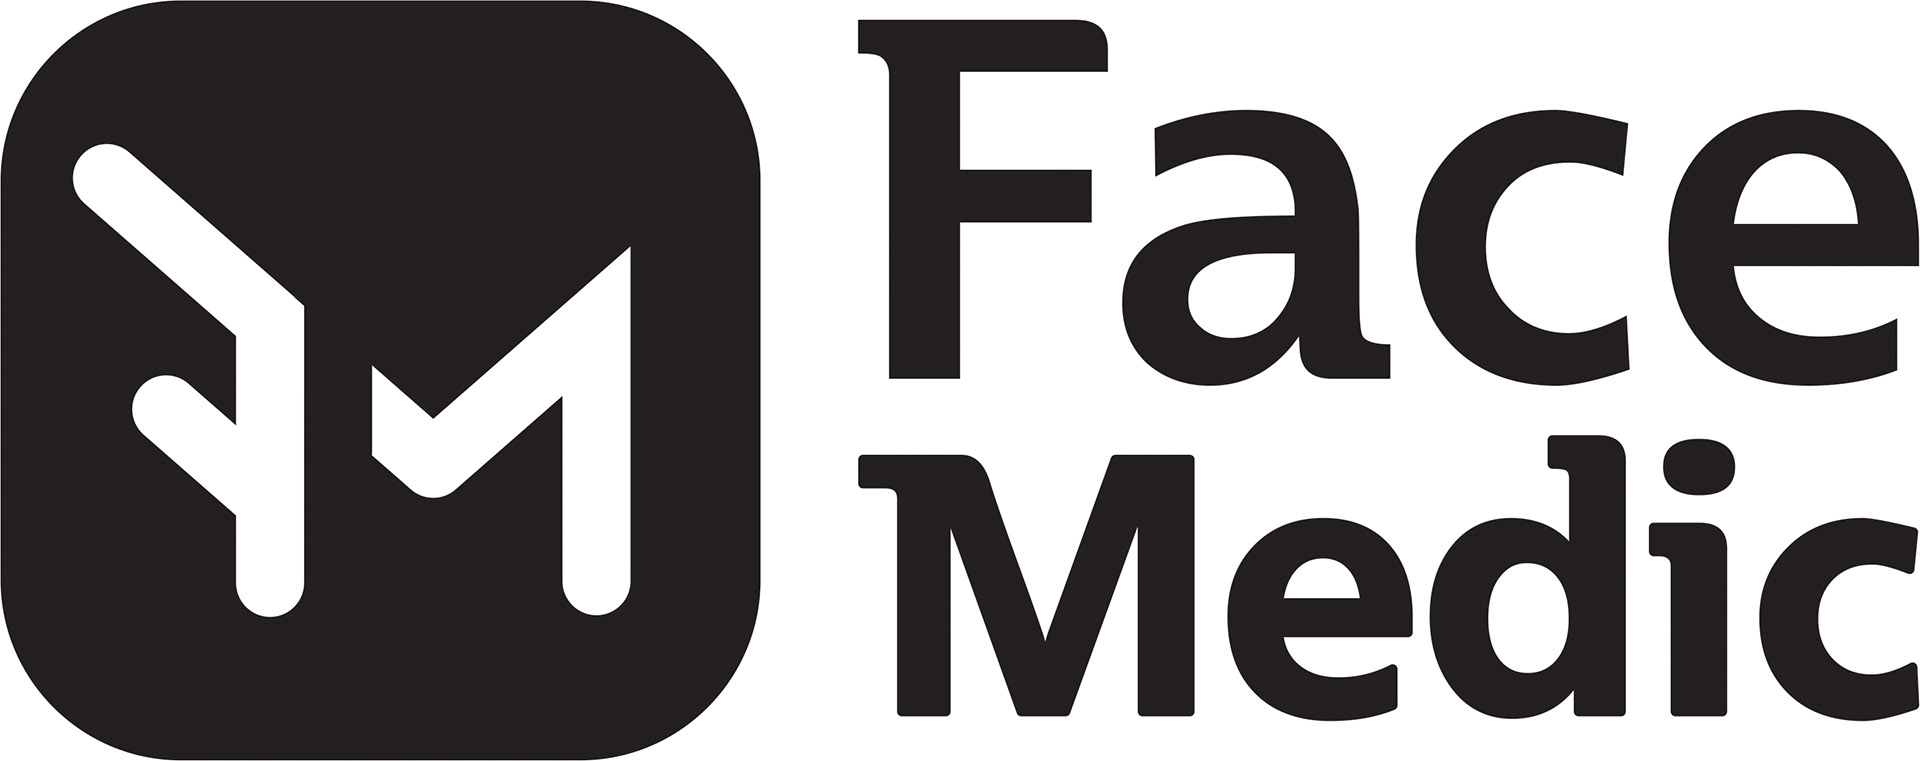 fmb1920